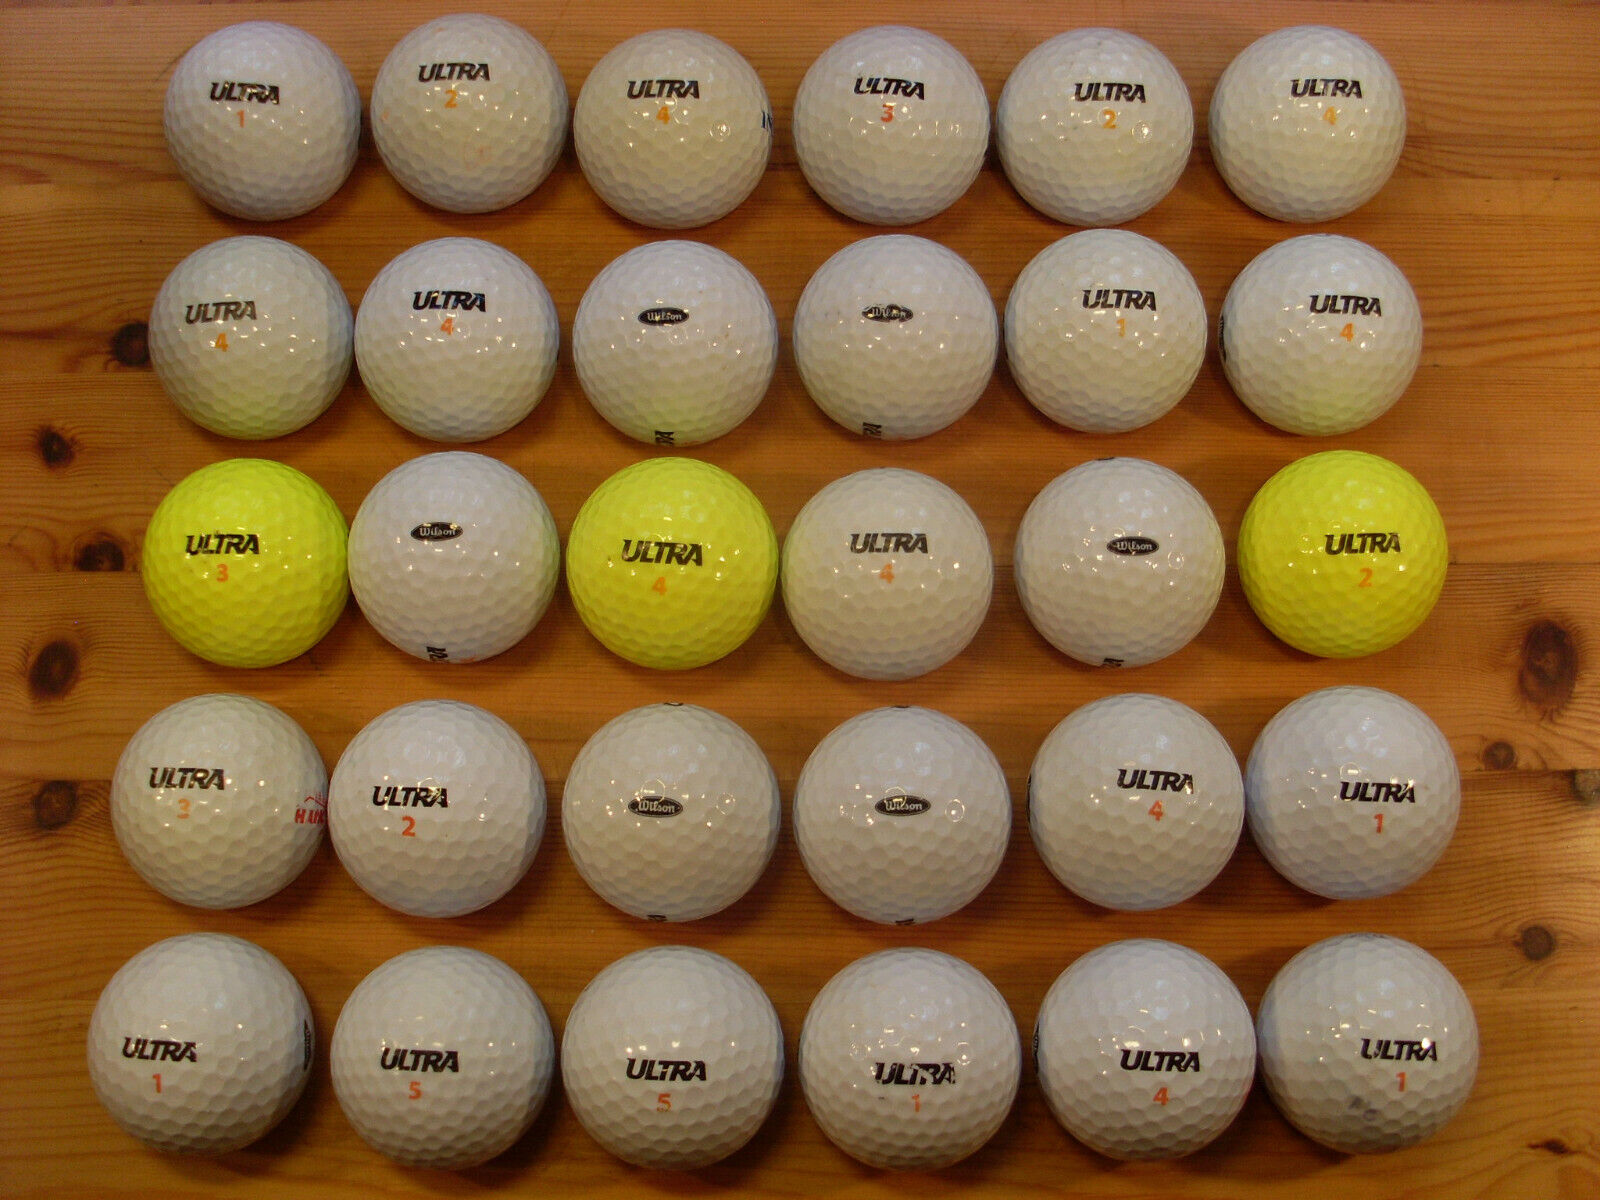 30 WILSON ULTRA gebrauchte Golfbälle Lakeballs